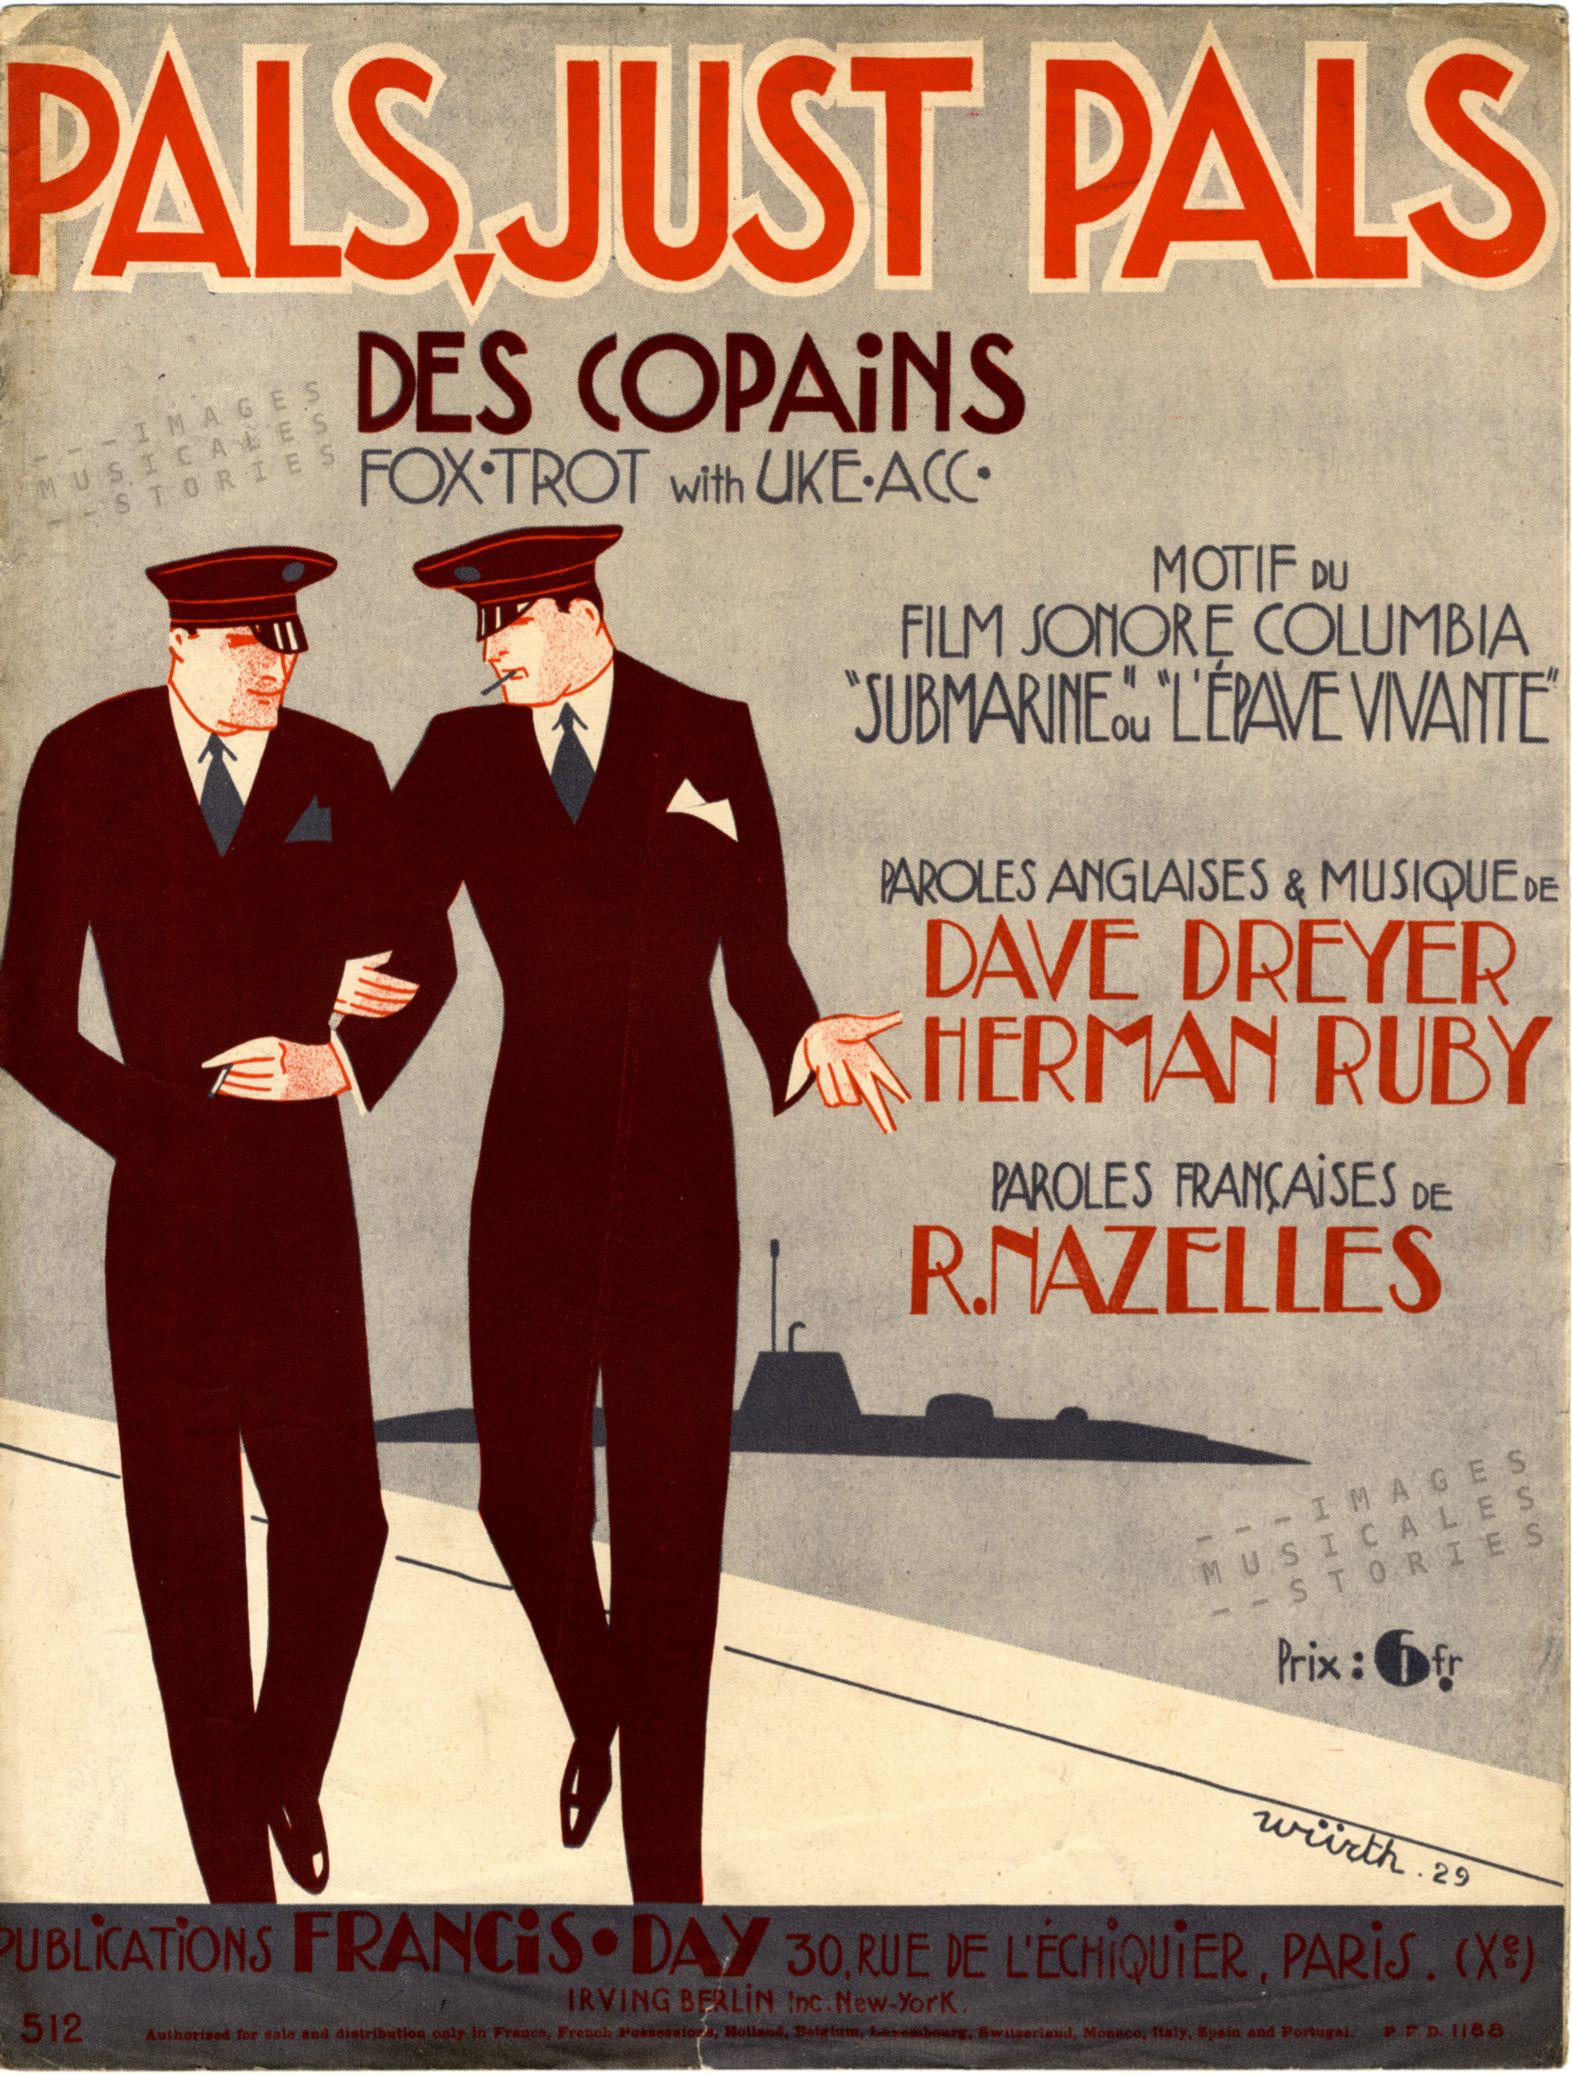 Partitions musicales ilustre par Würth pour la chanson 'Les Copains' (1929)